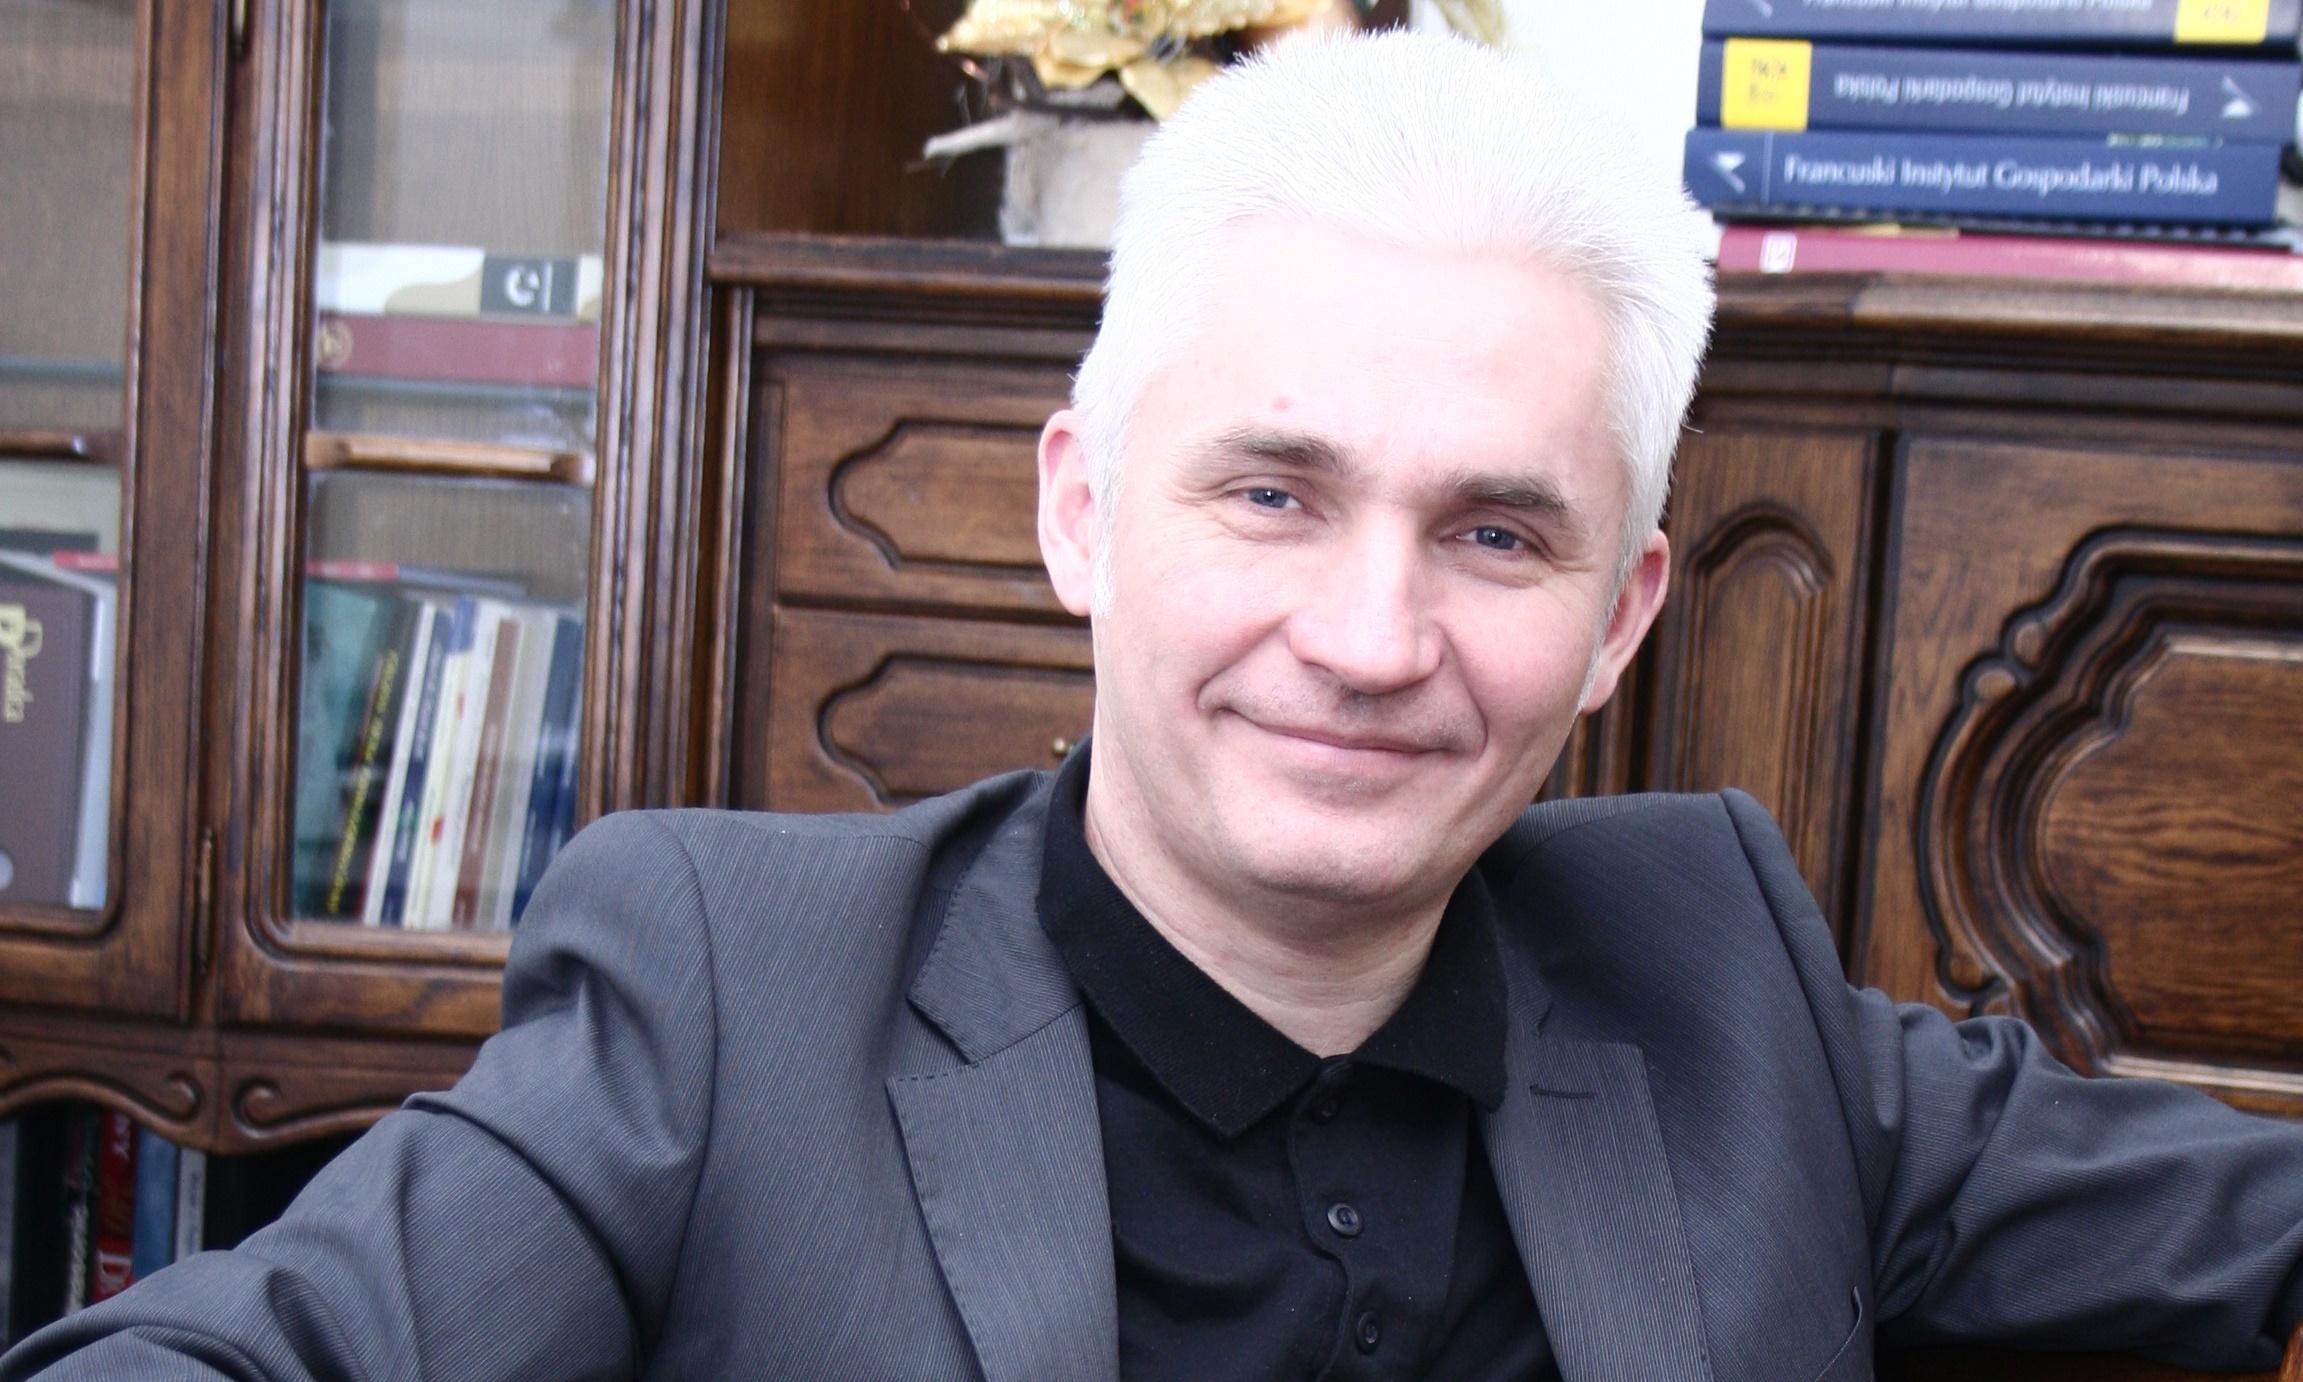 Rozmowa z Mateuszem Wiśniewskim, wiceprezesem Kolportera handel Prezes M. Wiśniewski crop